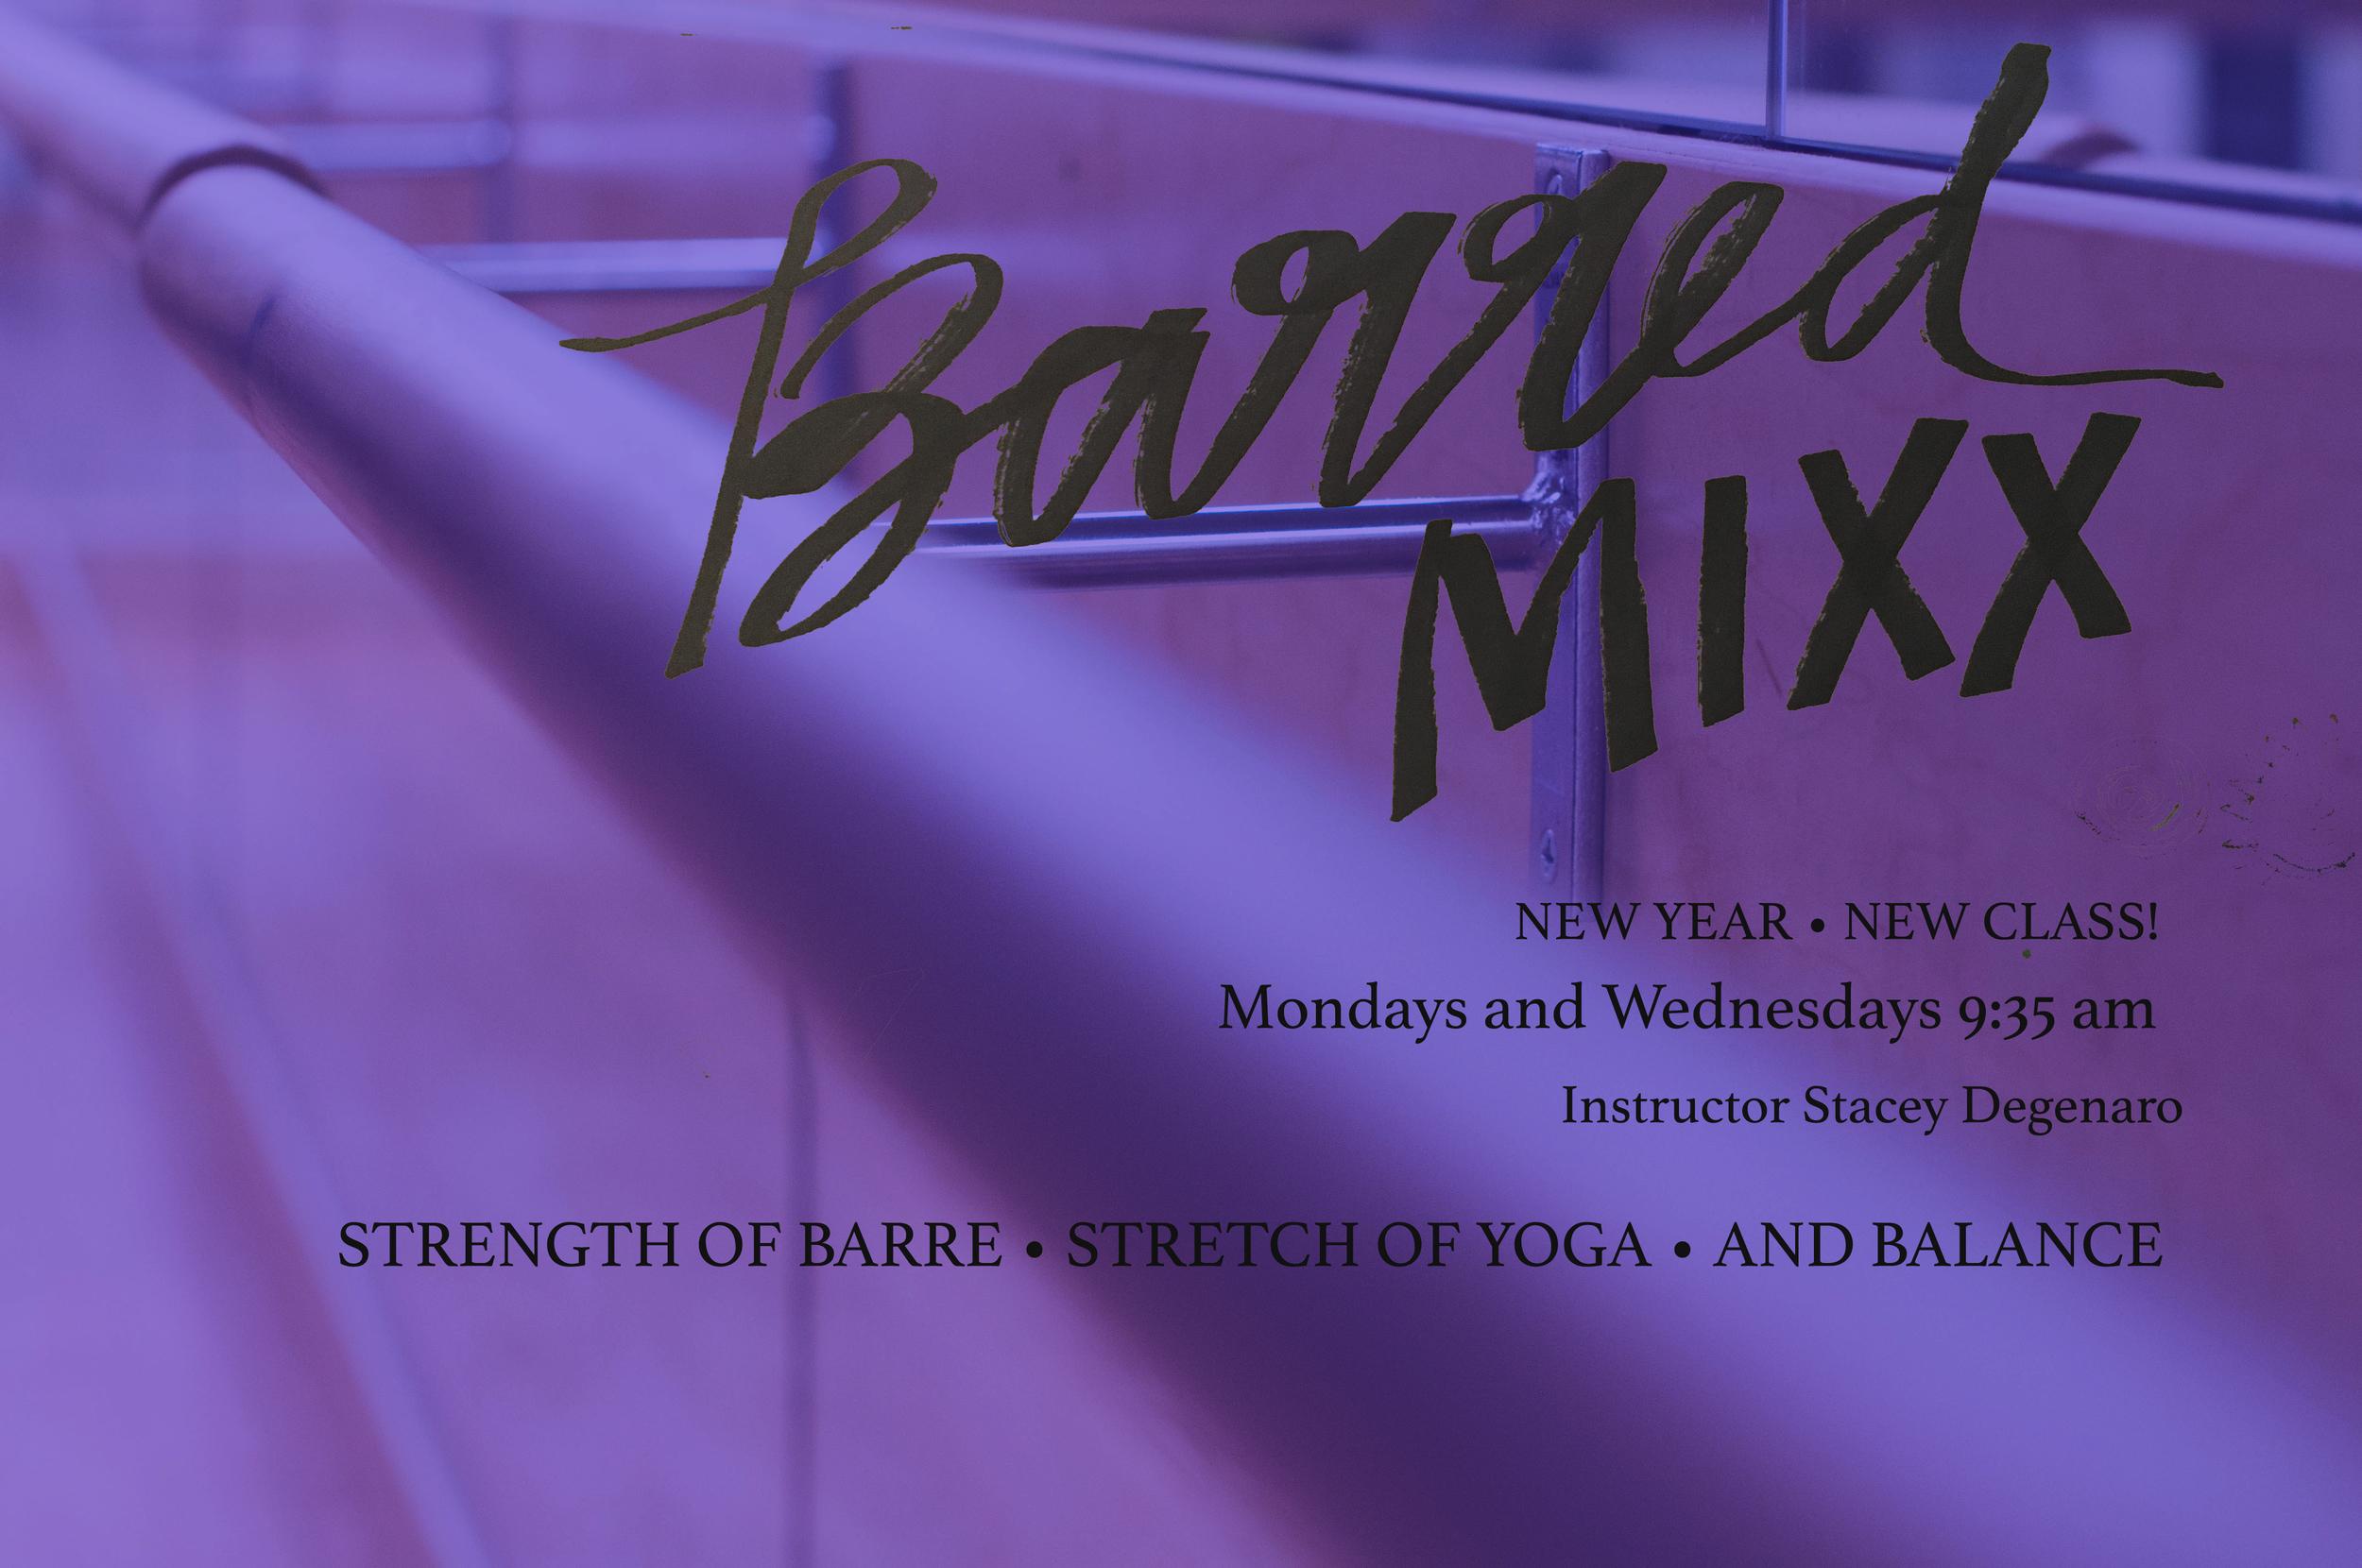 BARRED MIXX.jpg